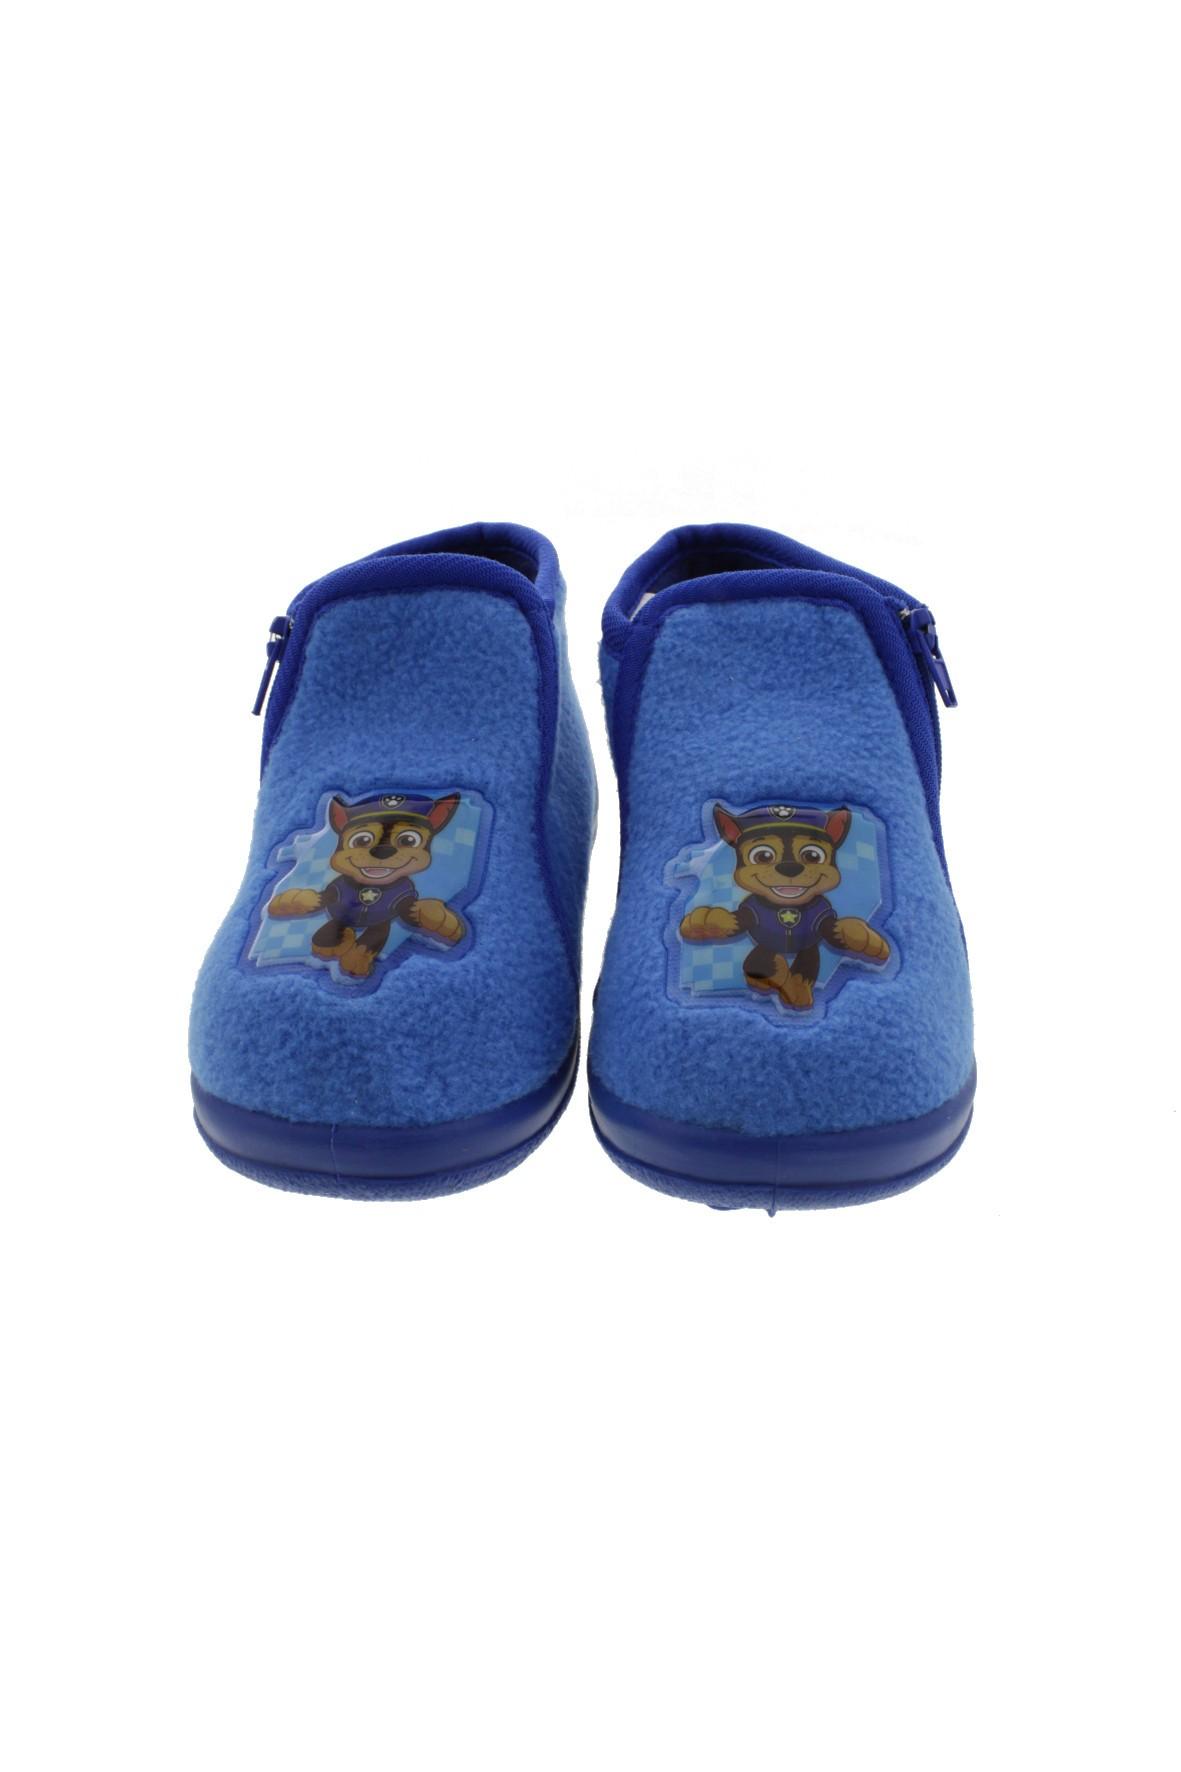 Kapcie chłopięce Psi Patrol - niebieskie